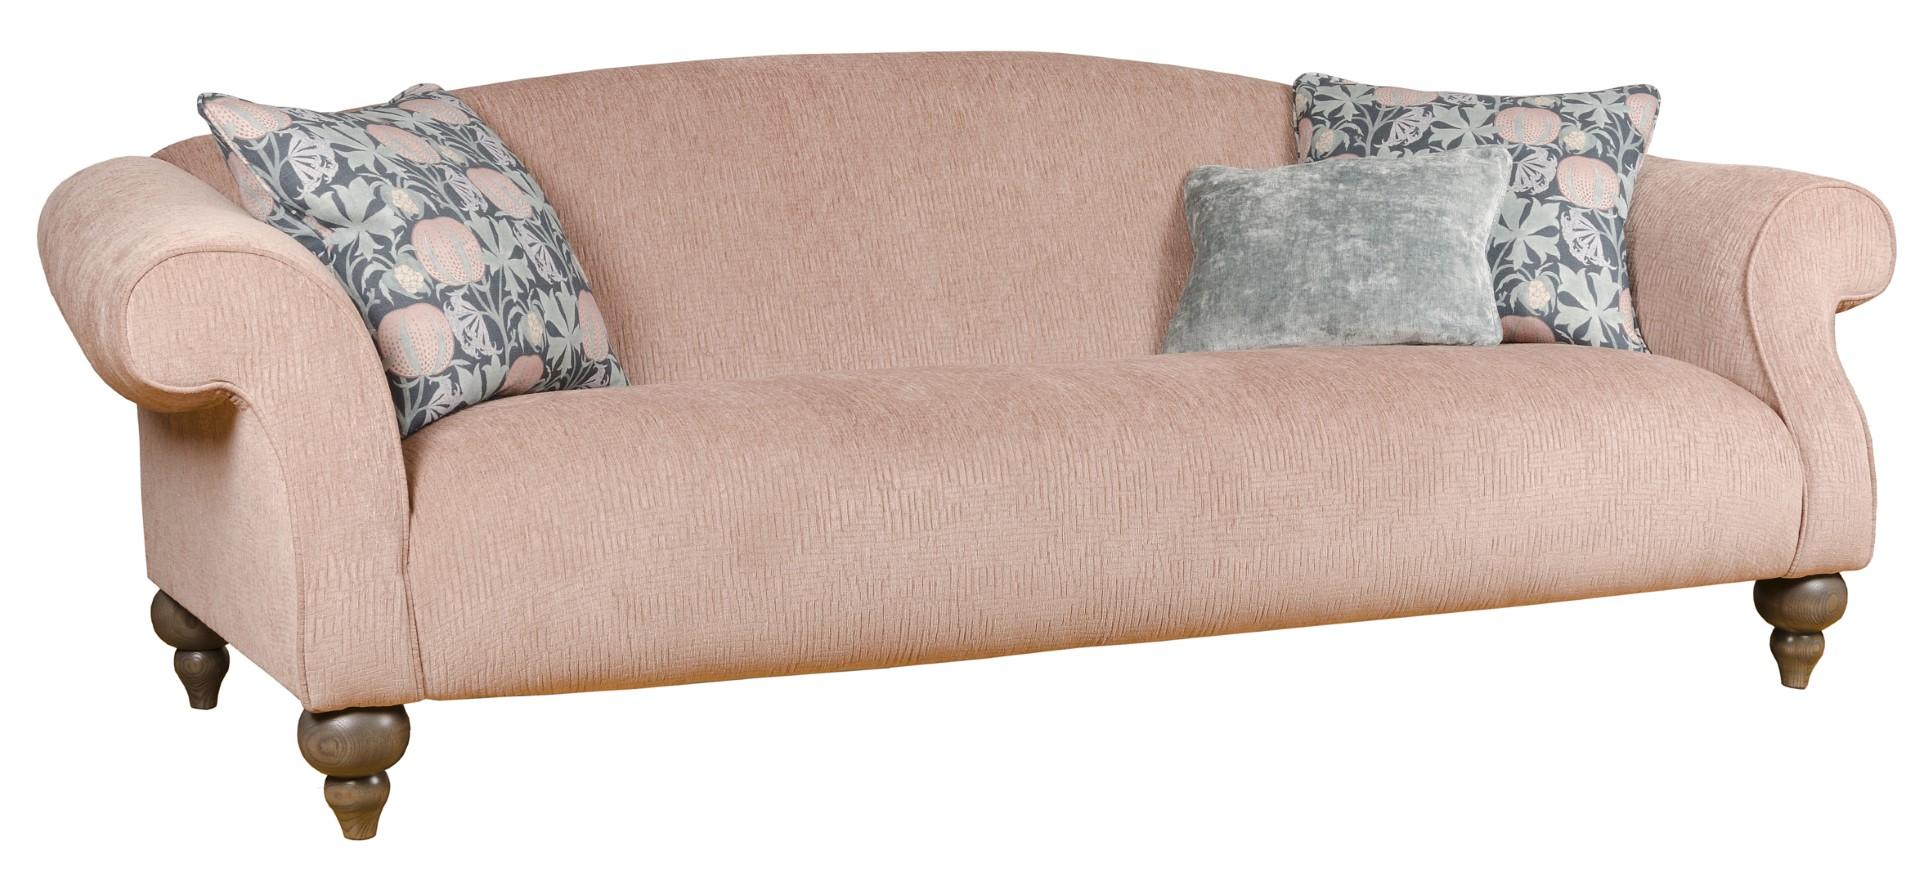 Leighton Grand Sofa